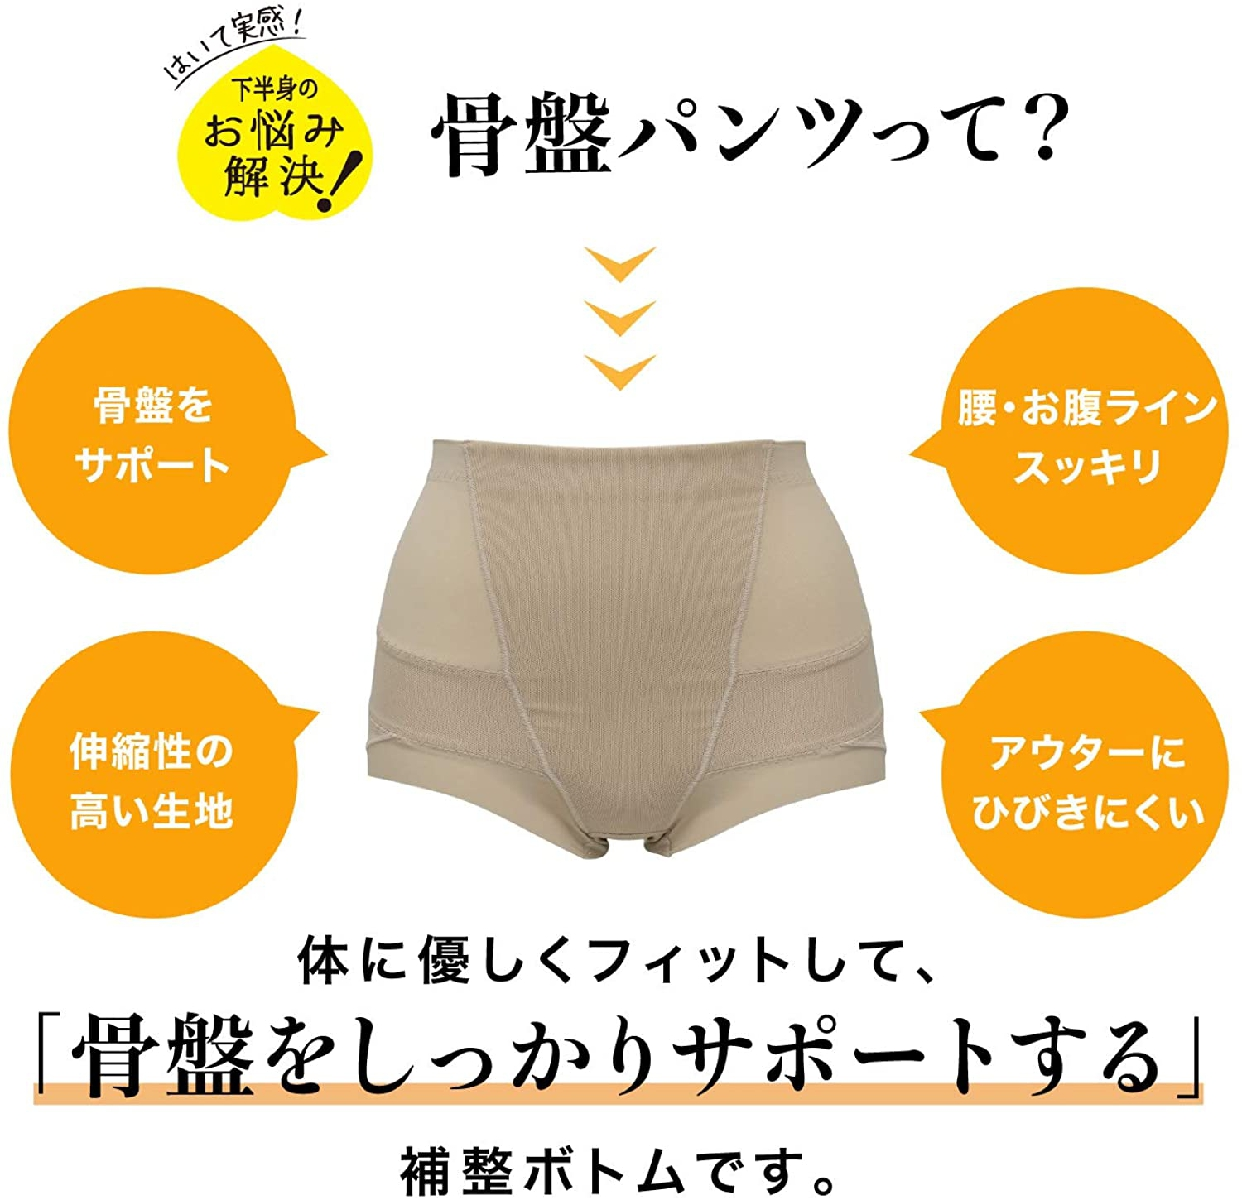 LECIEN(ルシアン)骨盤パンツ (ショート丈)の商品画像3